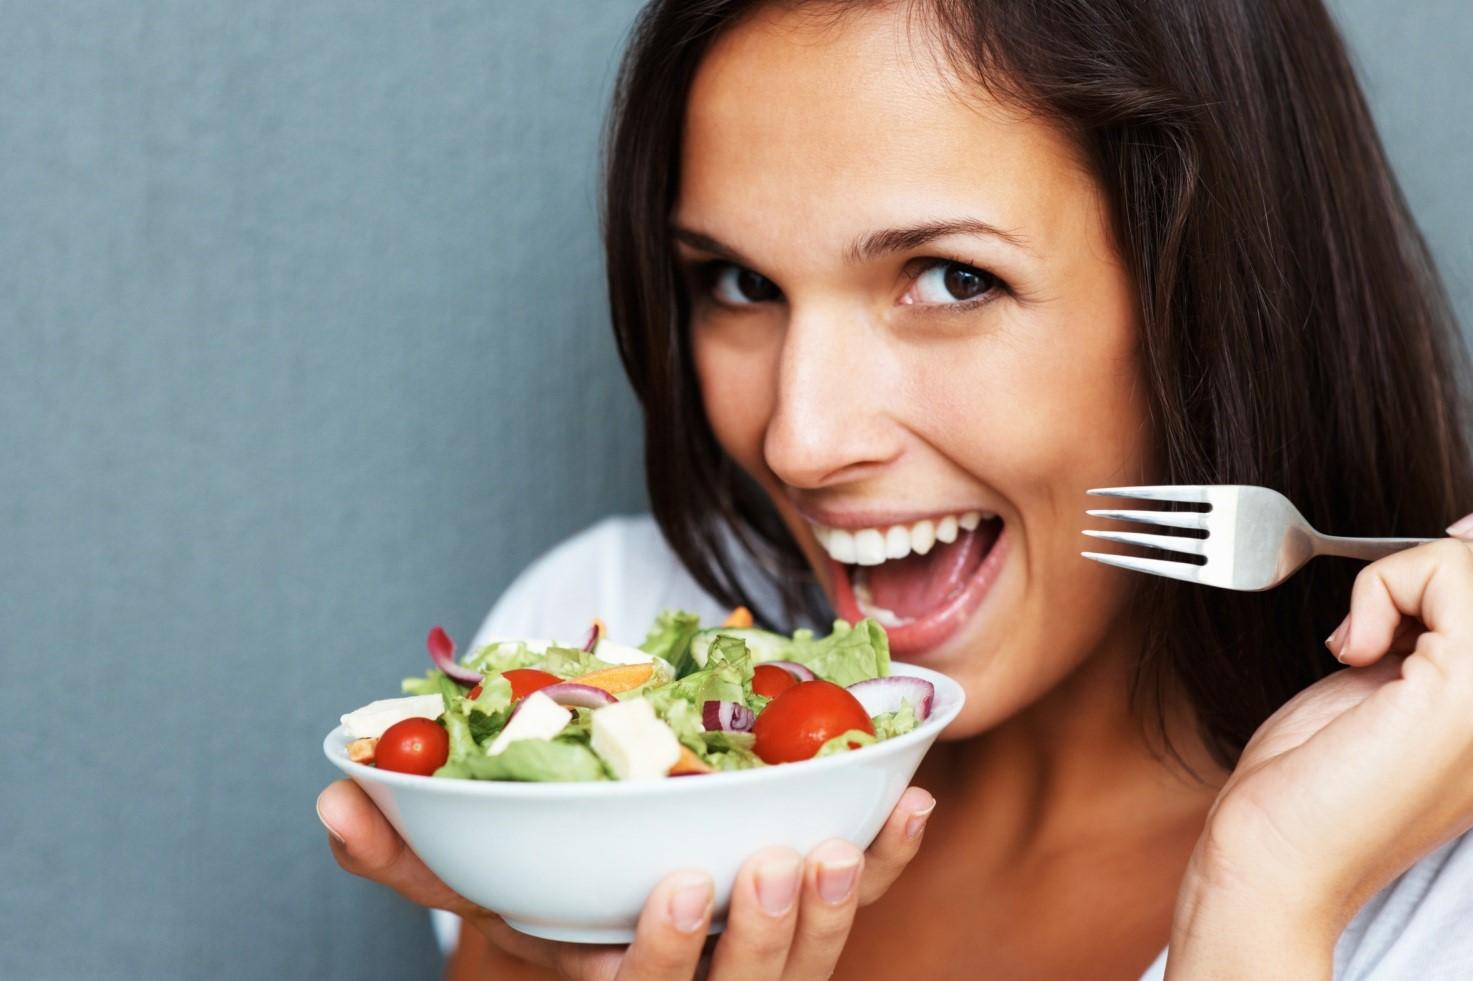 Салат с капустой или из капусты отлично сжигает лишние калории